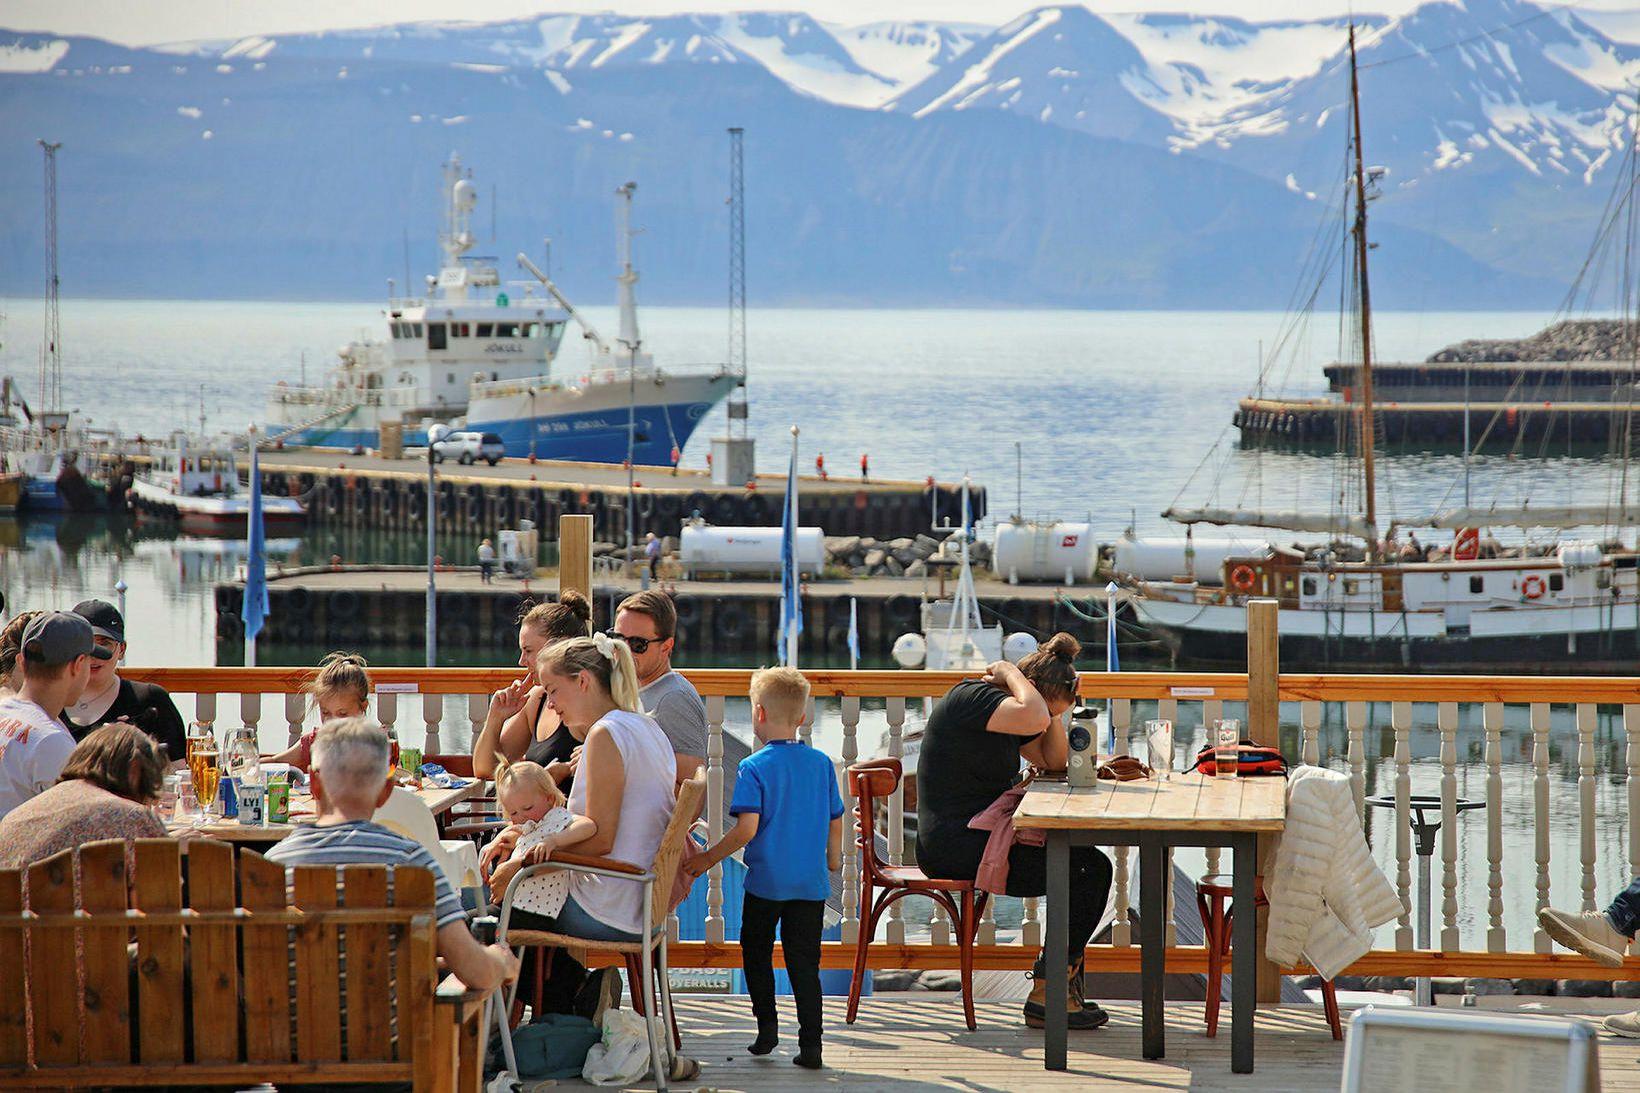 Mikil aðsókn hefur verið í veitingastaði við höfnina á Húsavík.